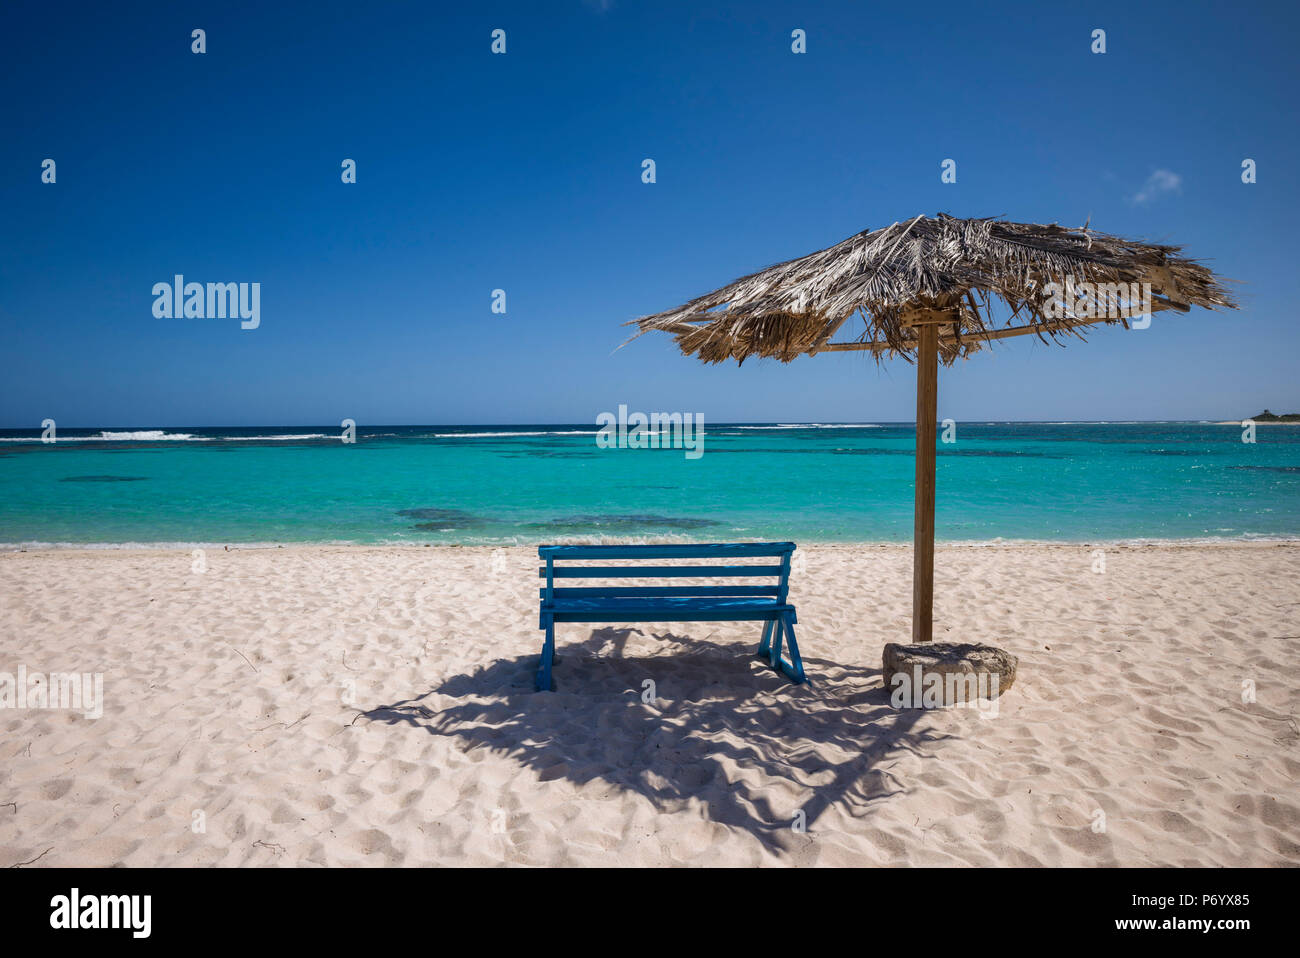 Islas Vírgenes Británicas, Anegada, Loblolly Bay Beach, beach view Imagen De Stock